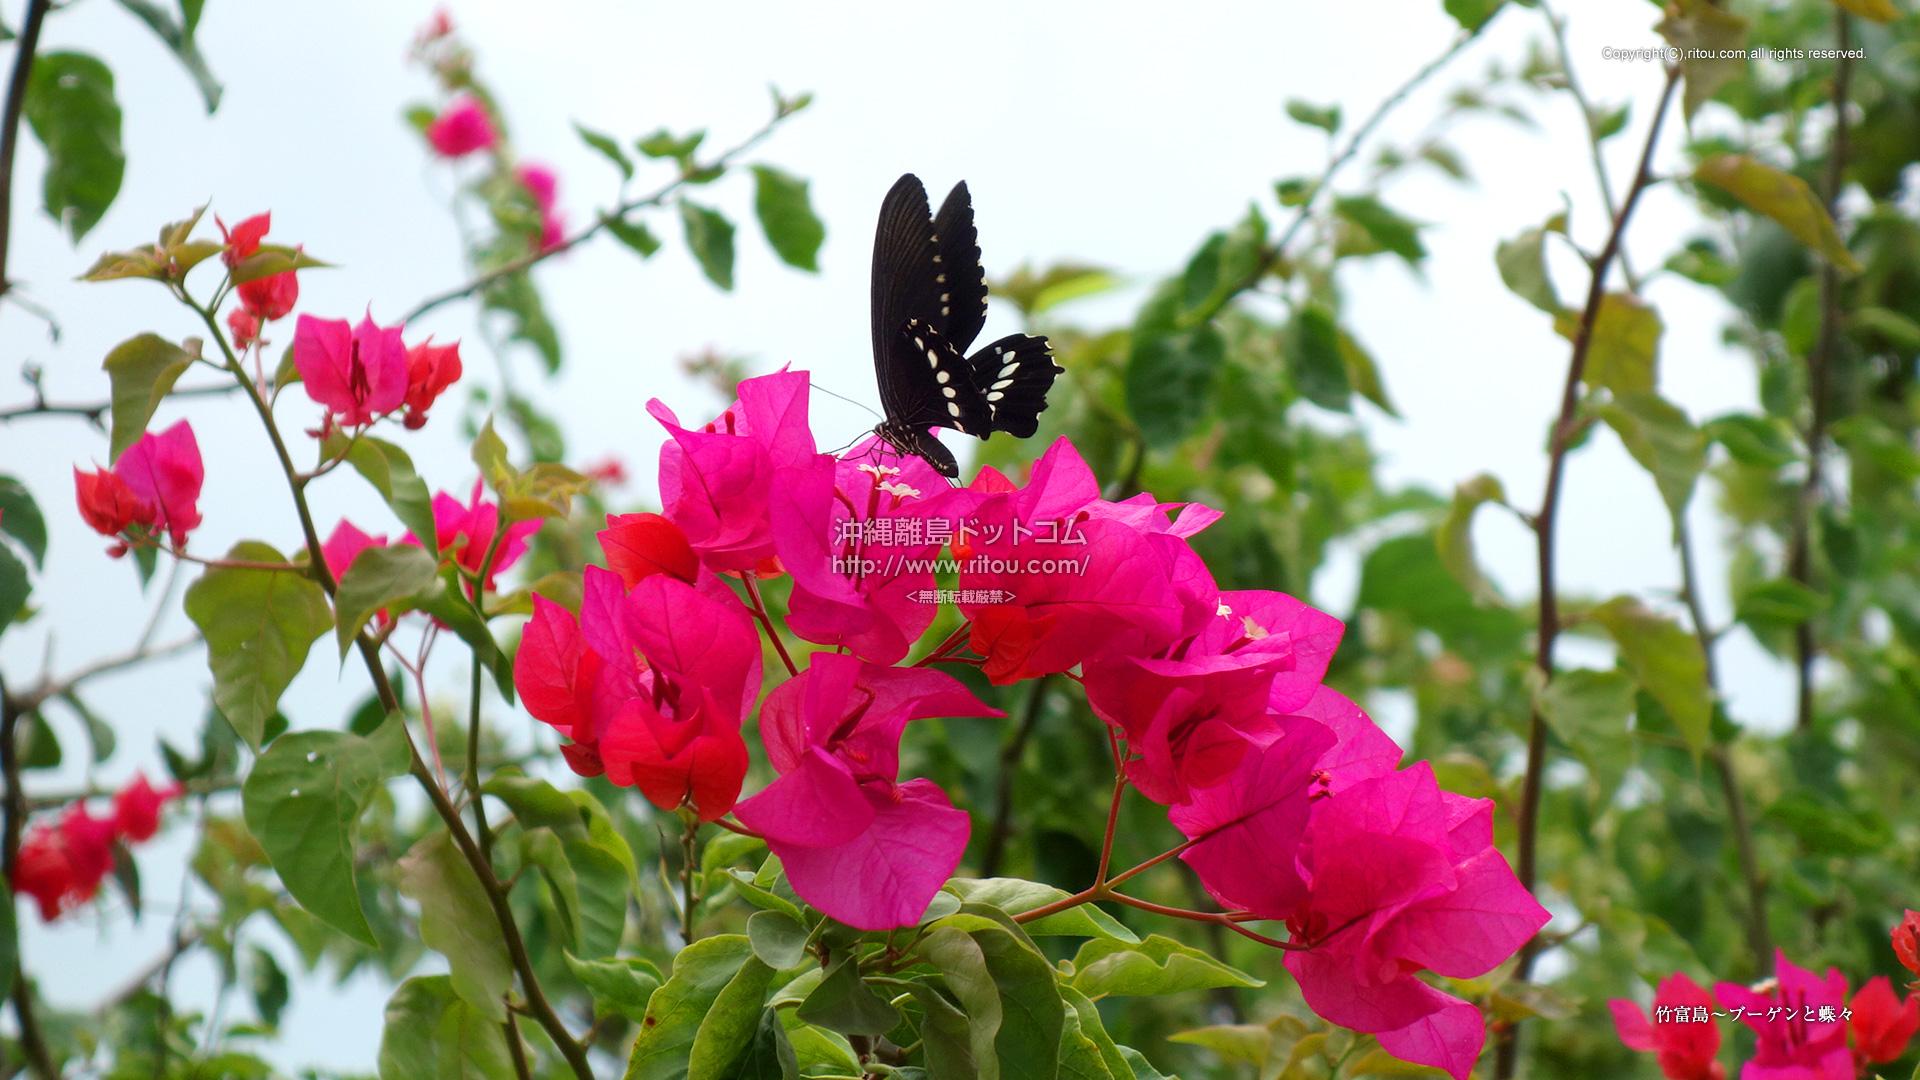 竹富島〜ブーゲンと蝶々